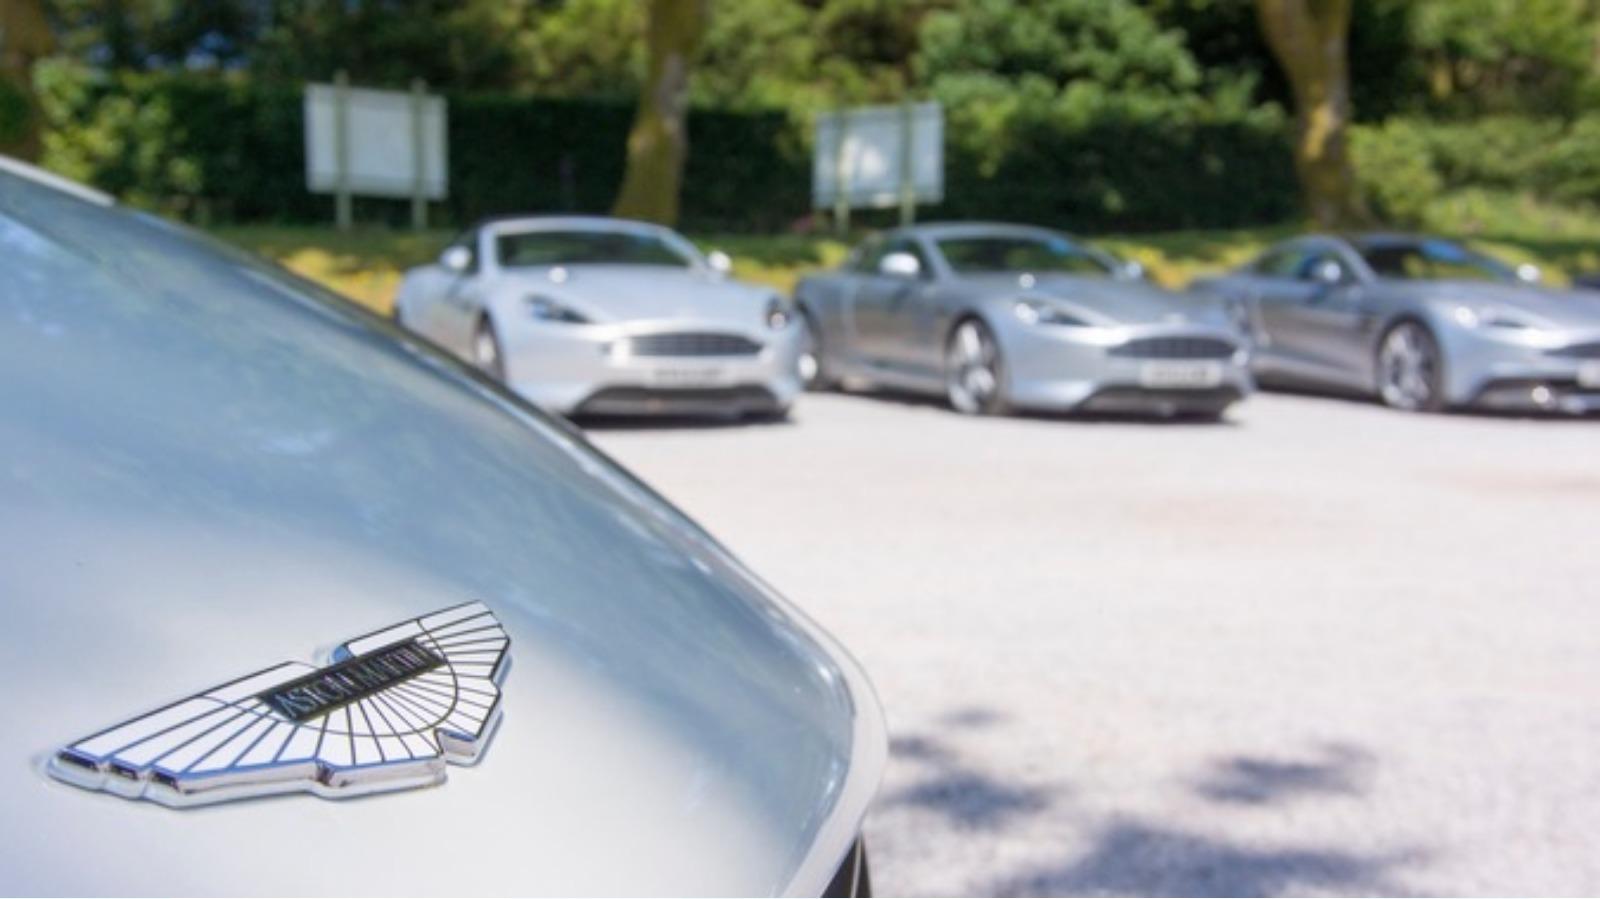 Aston Martin Announces 500 Jobs To Go As Sales Fall Central Itv News